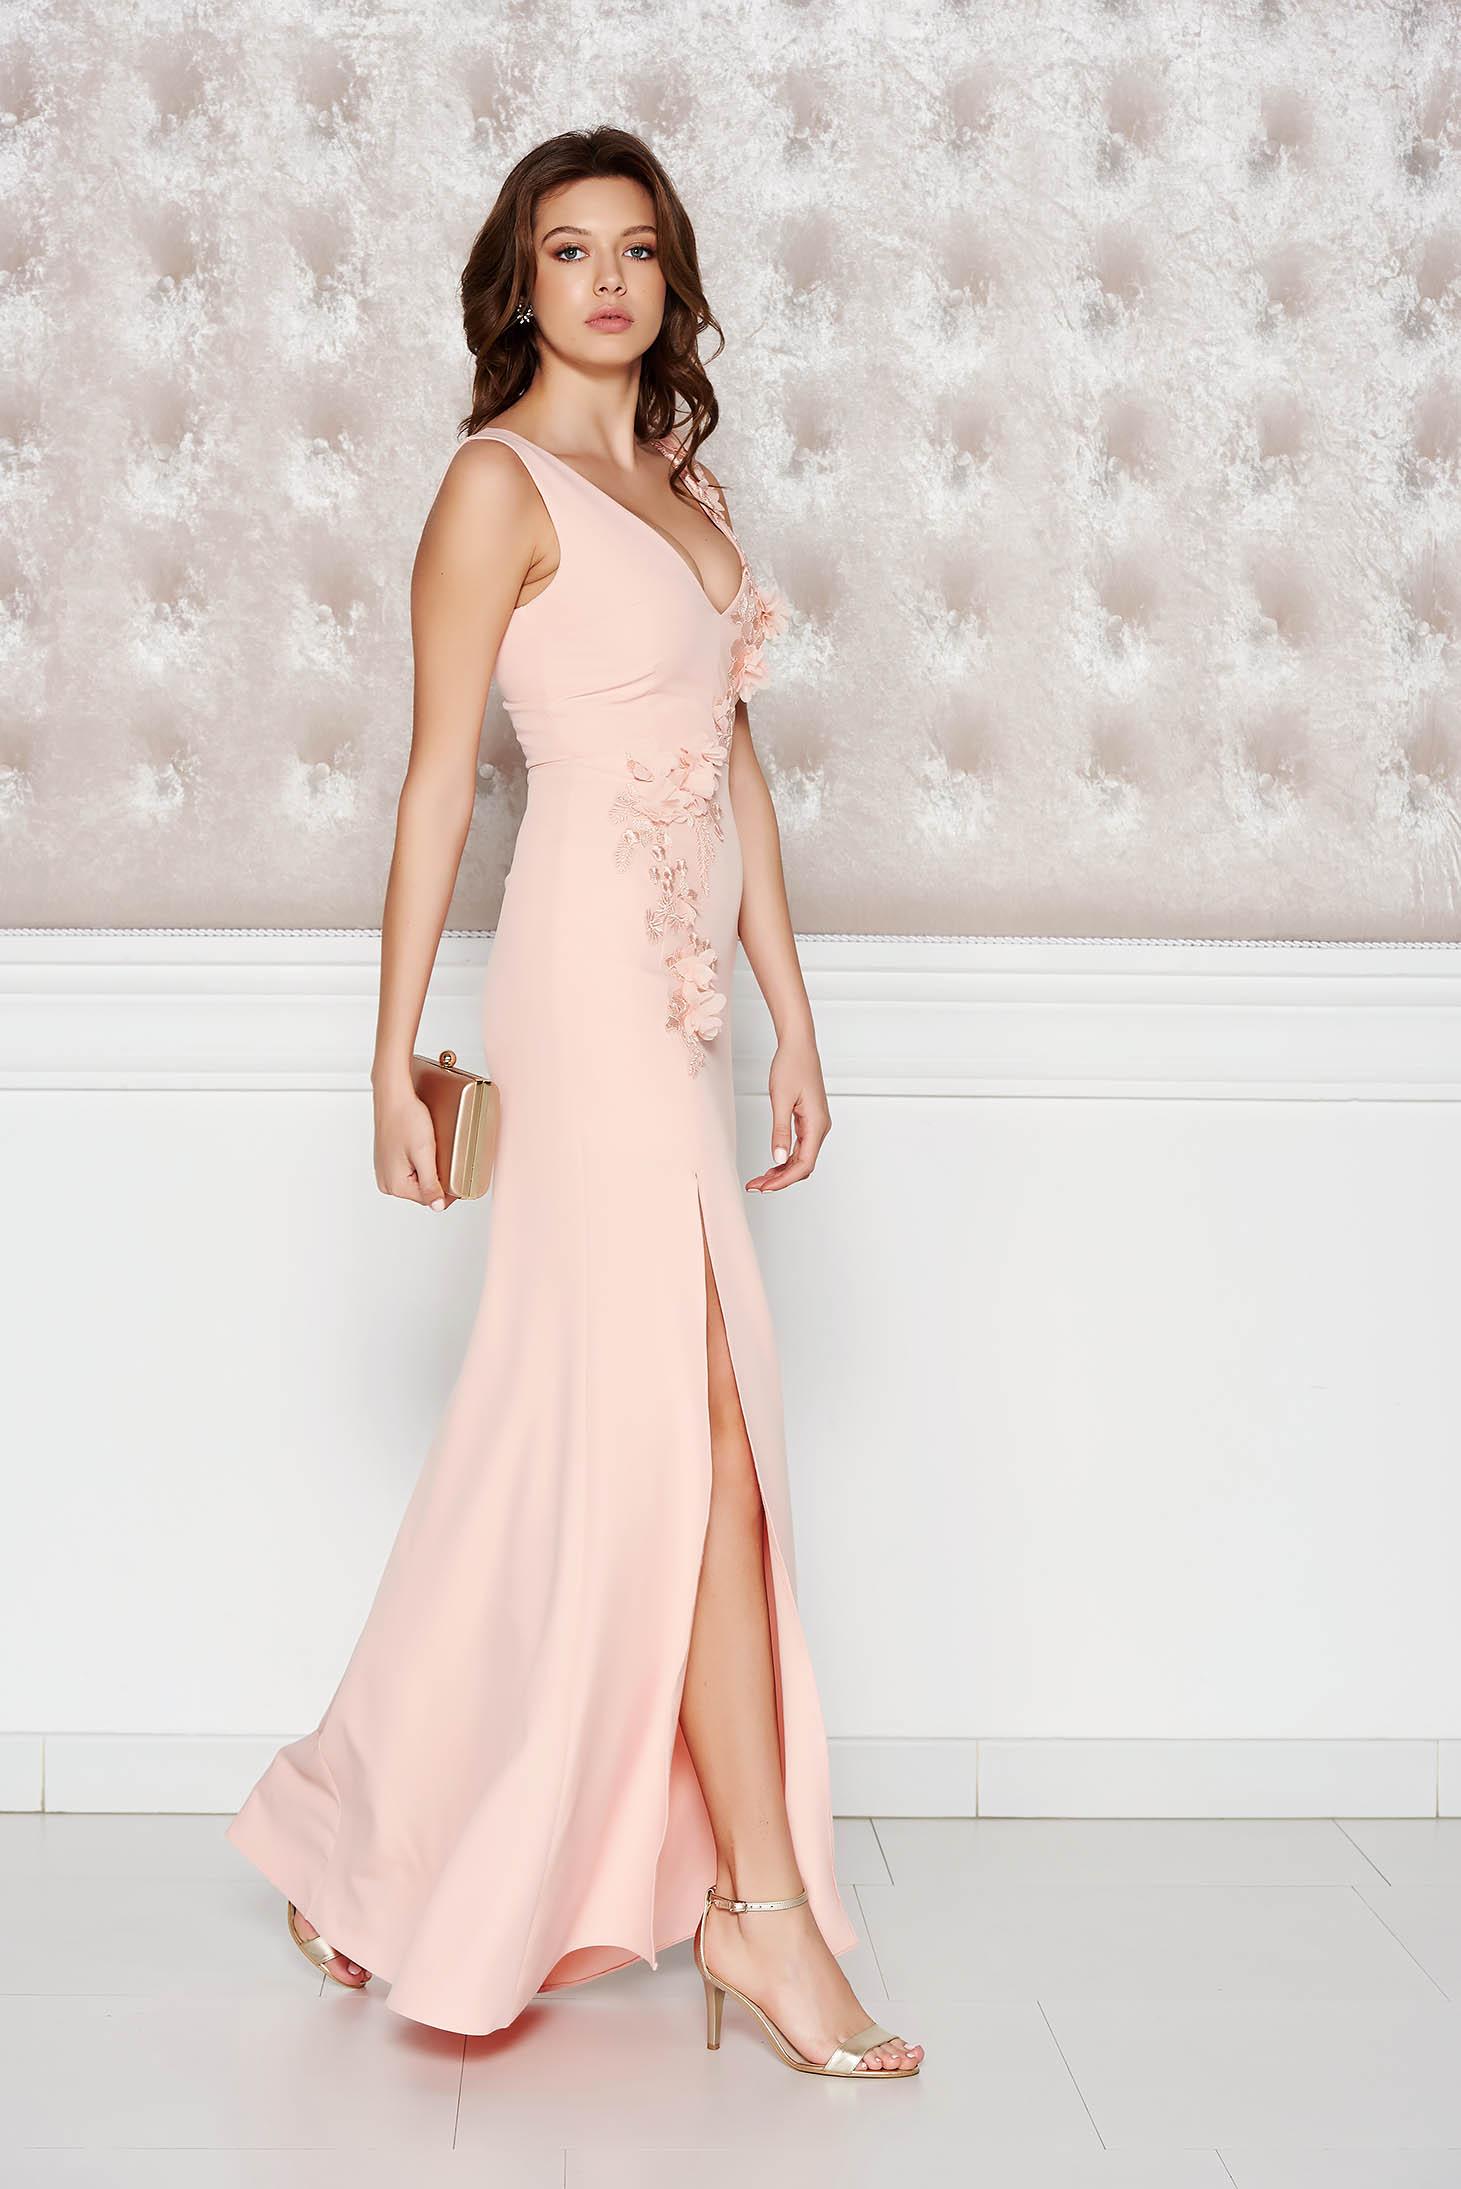 e670bf51f5 Barackvirágszínű StarShinerS alkalmi ruha enyhén elasztikus szövet belső  béléssel virágos díszek 3d effekt